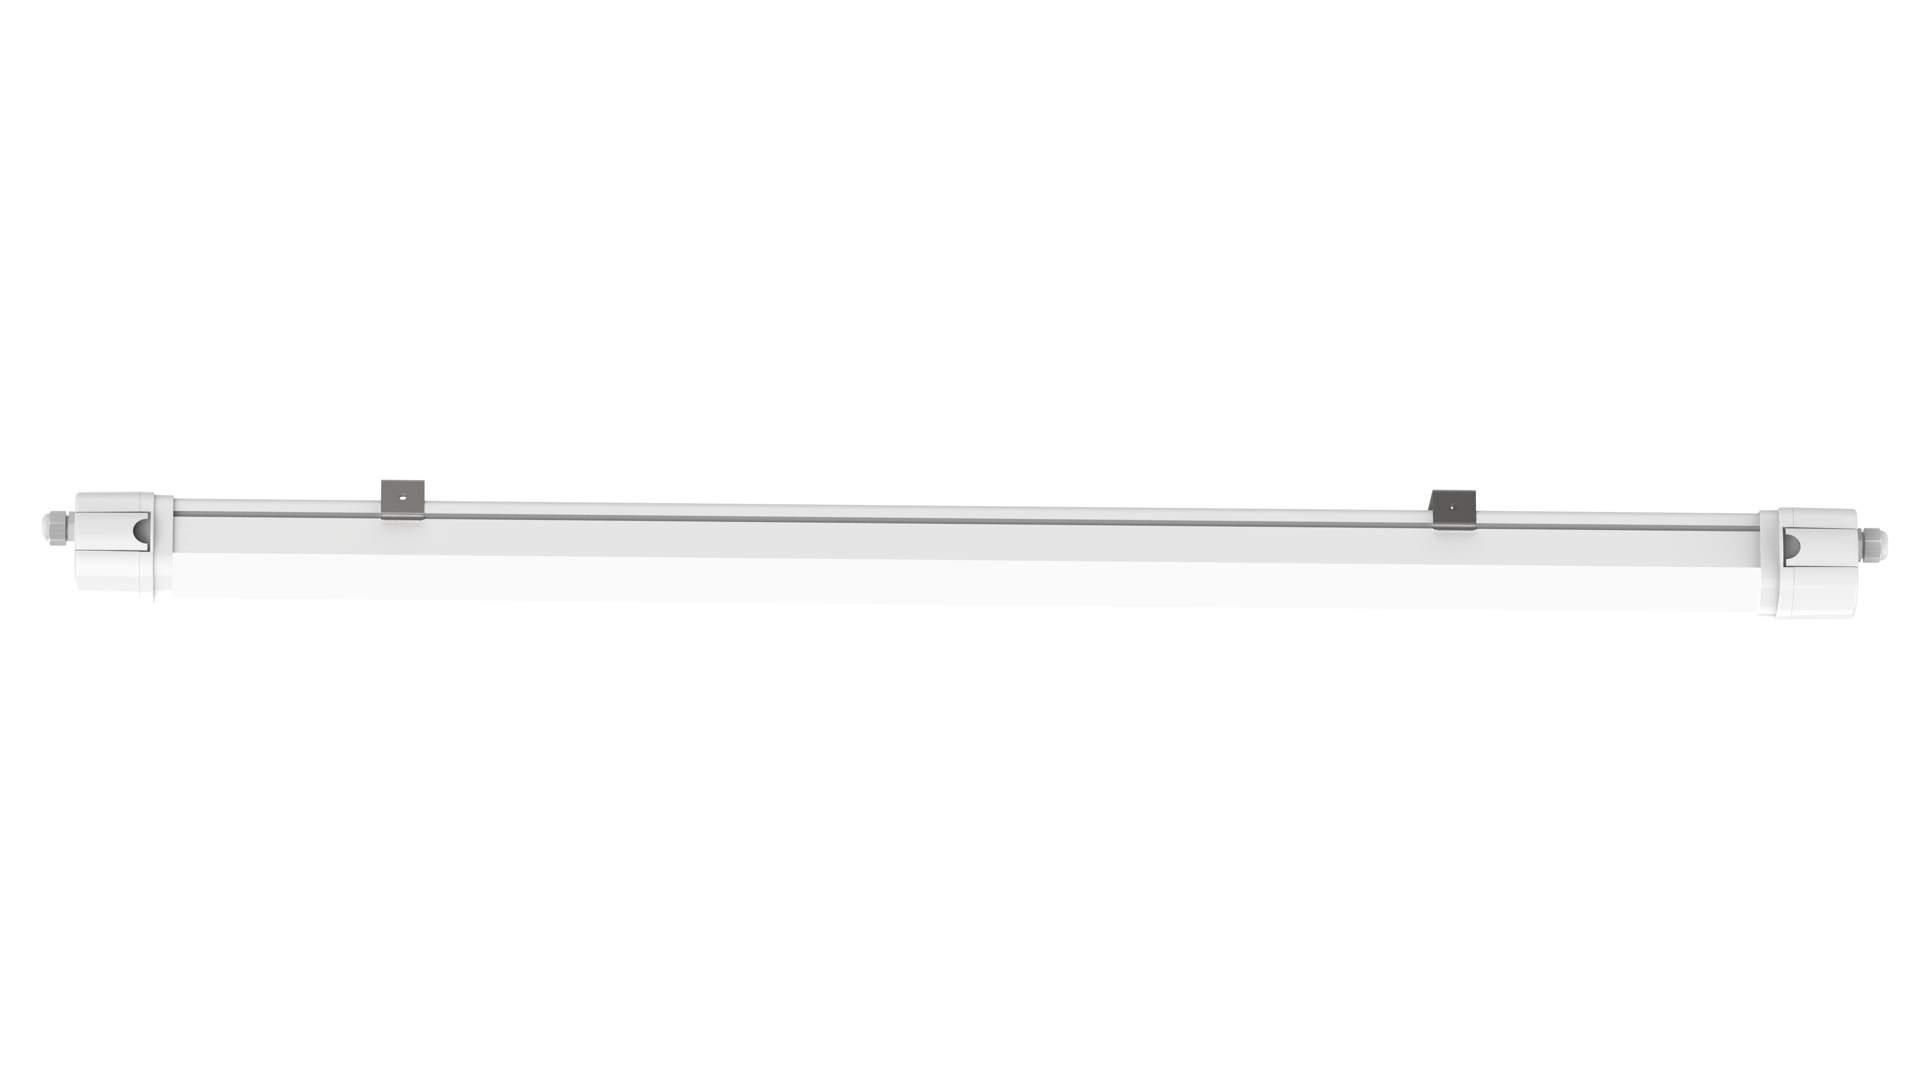 LED Tööstusvalgusti LED Tööstusvalgusti PROLUMEN T56 1200 (DALI)  60W 7500lm CRI80 120° IP65 4000K päevavalge